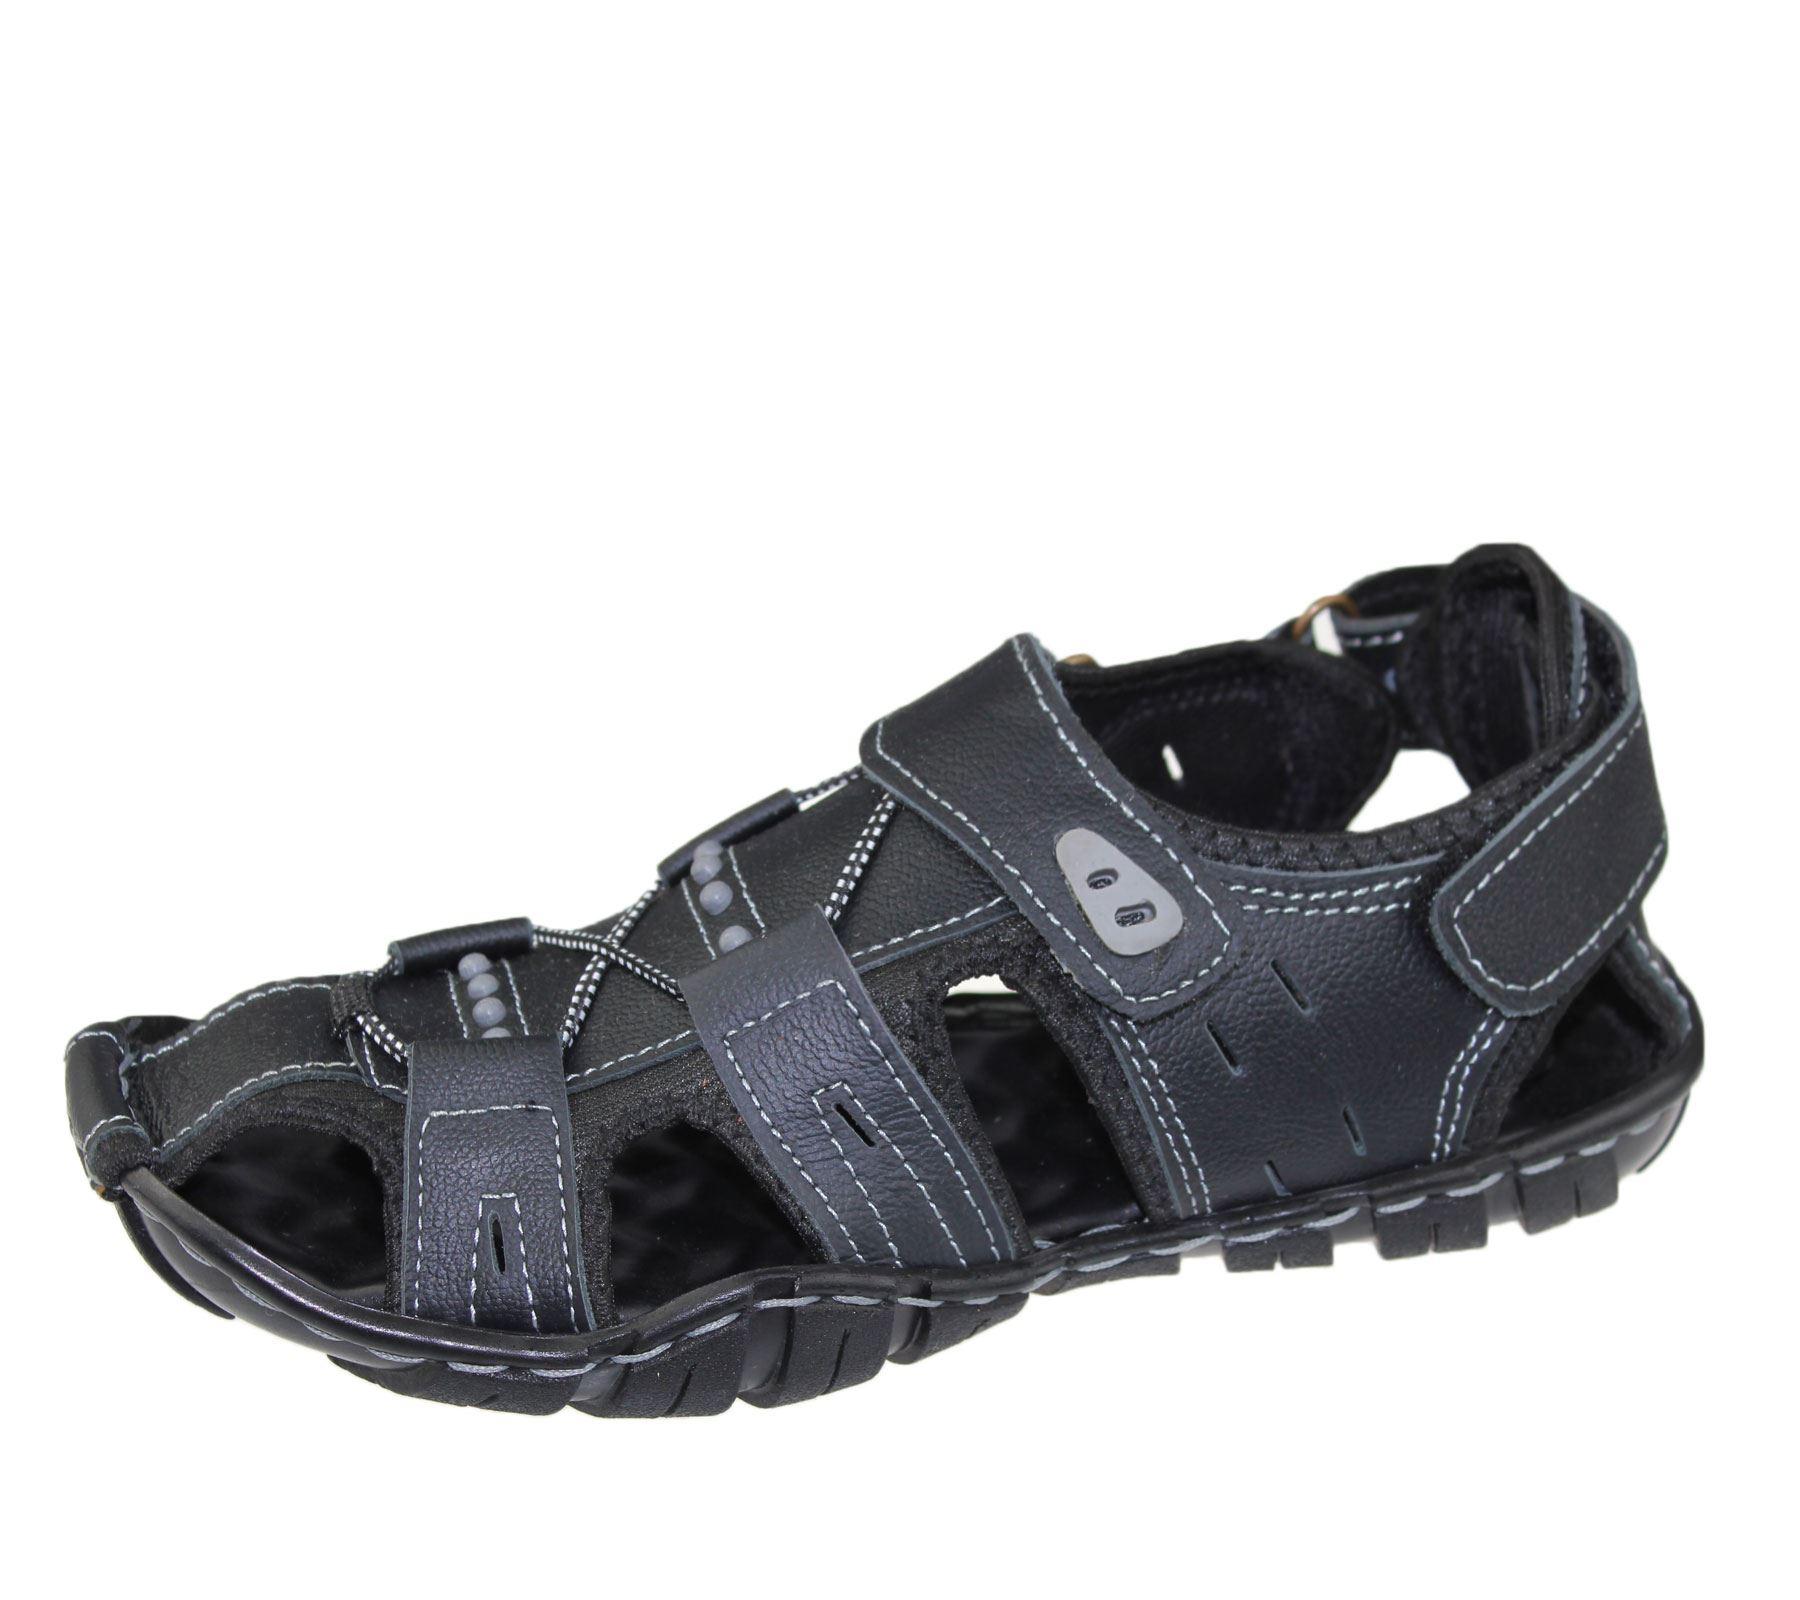 Mens-Sandal-Beach-Buckle-Walking-Fashion-Summer-Casual-Slipper miniatura 7